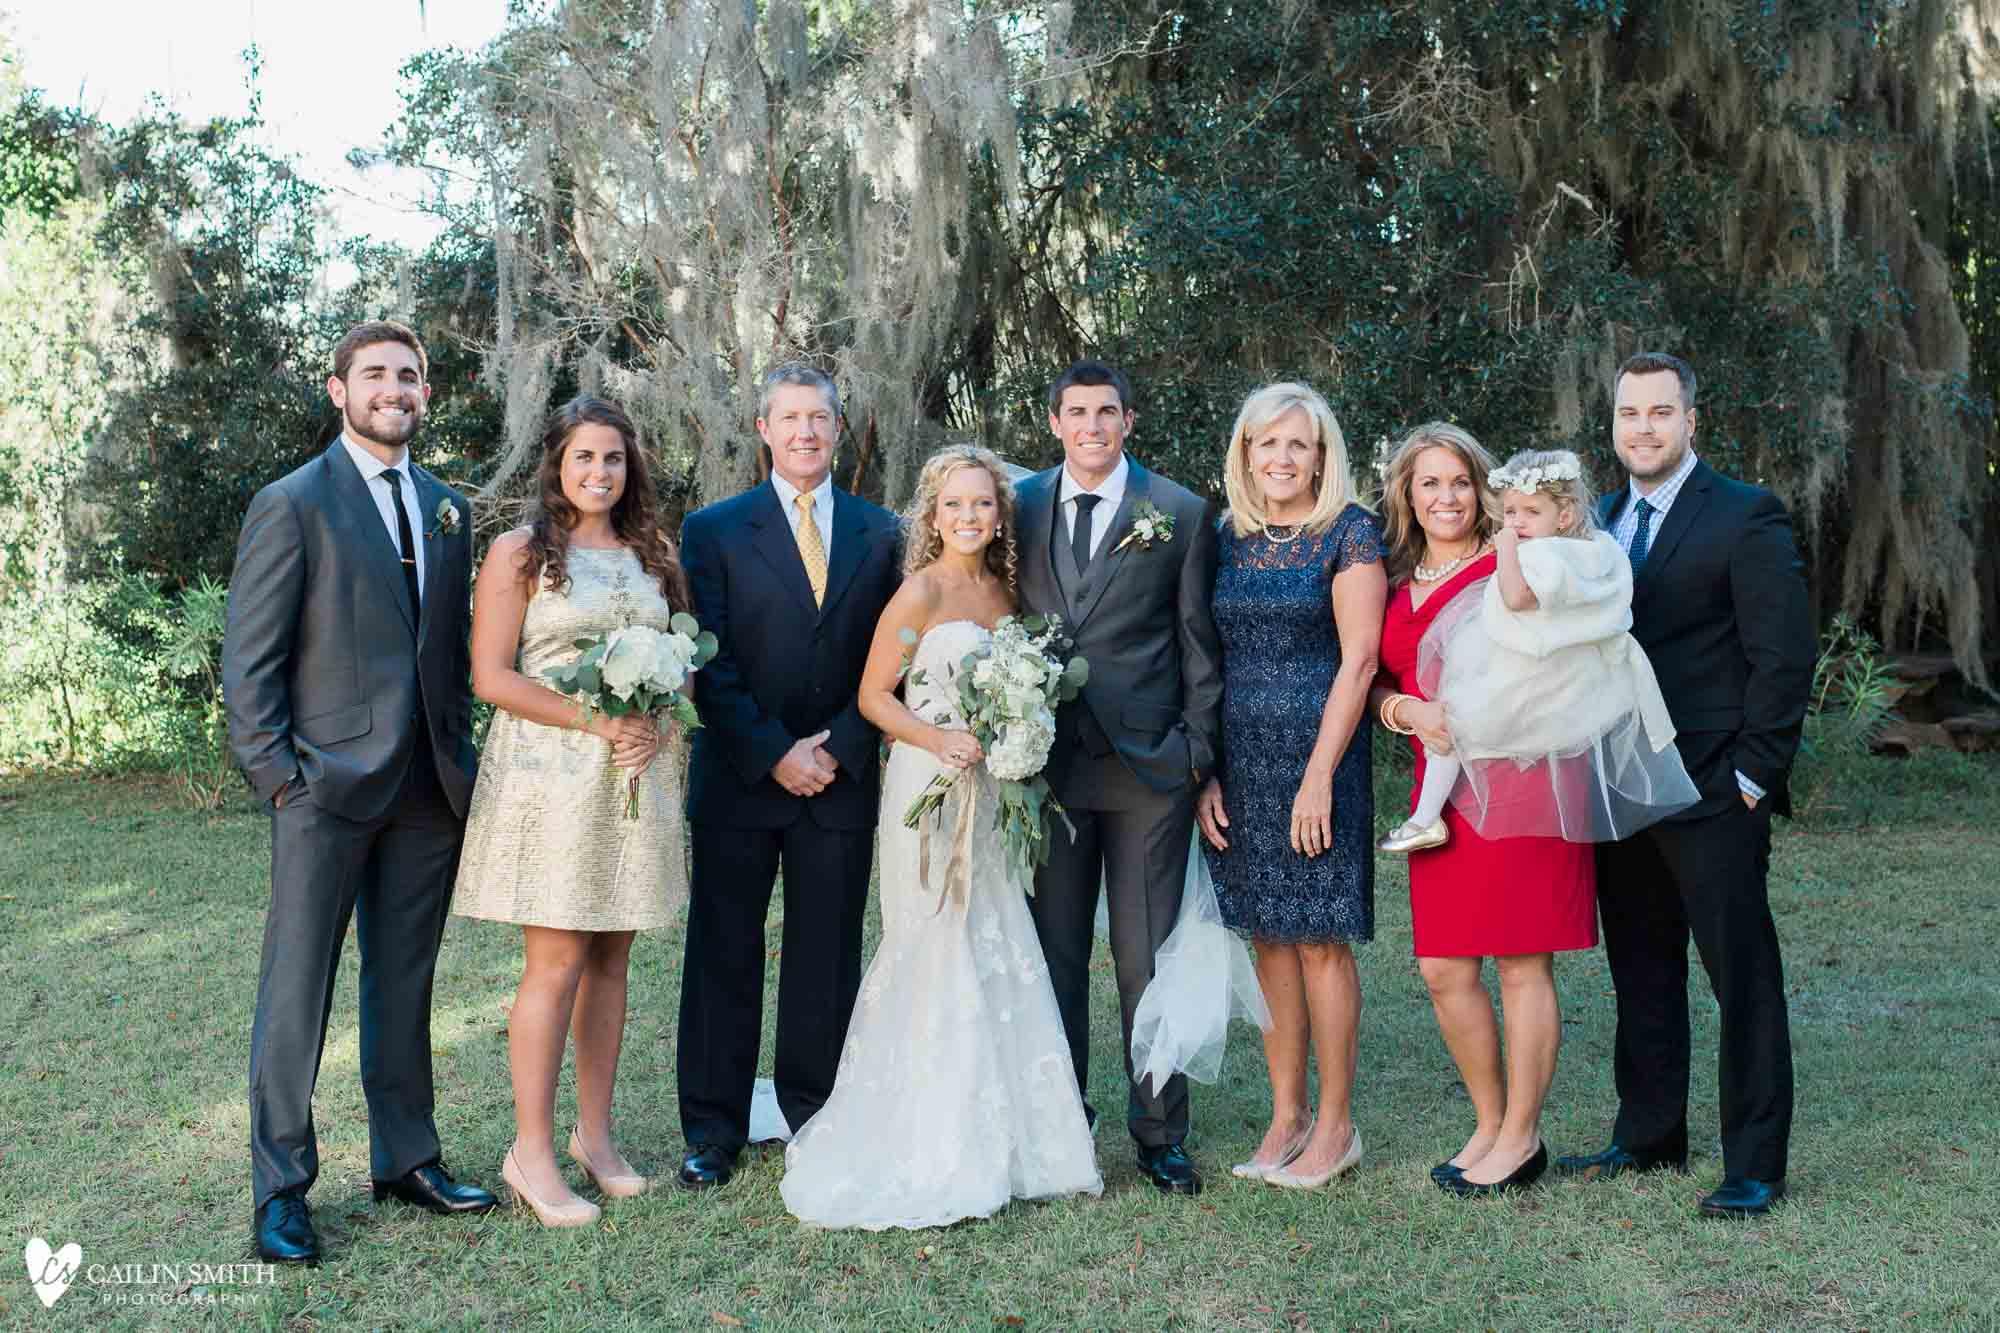 Leah_Major_St_Marys_Wedding_Photography_063.jpg